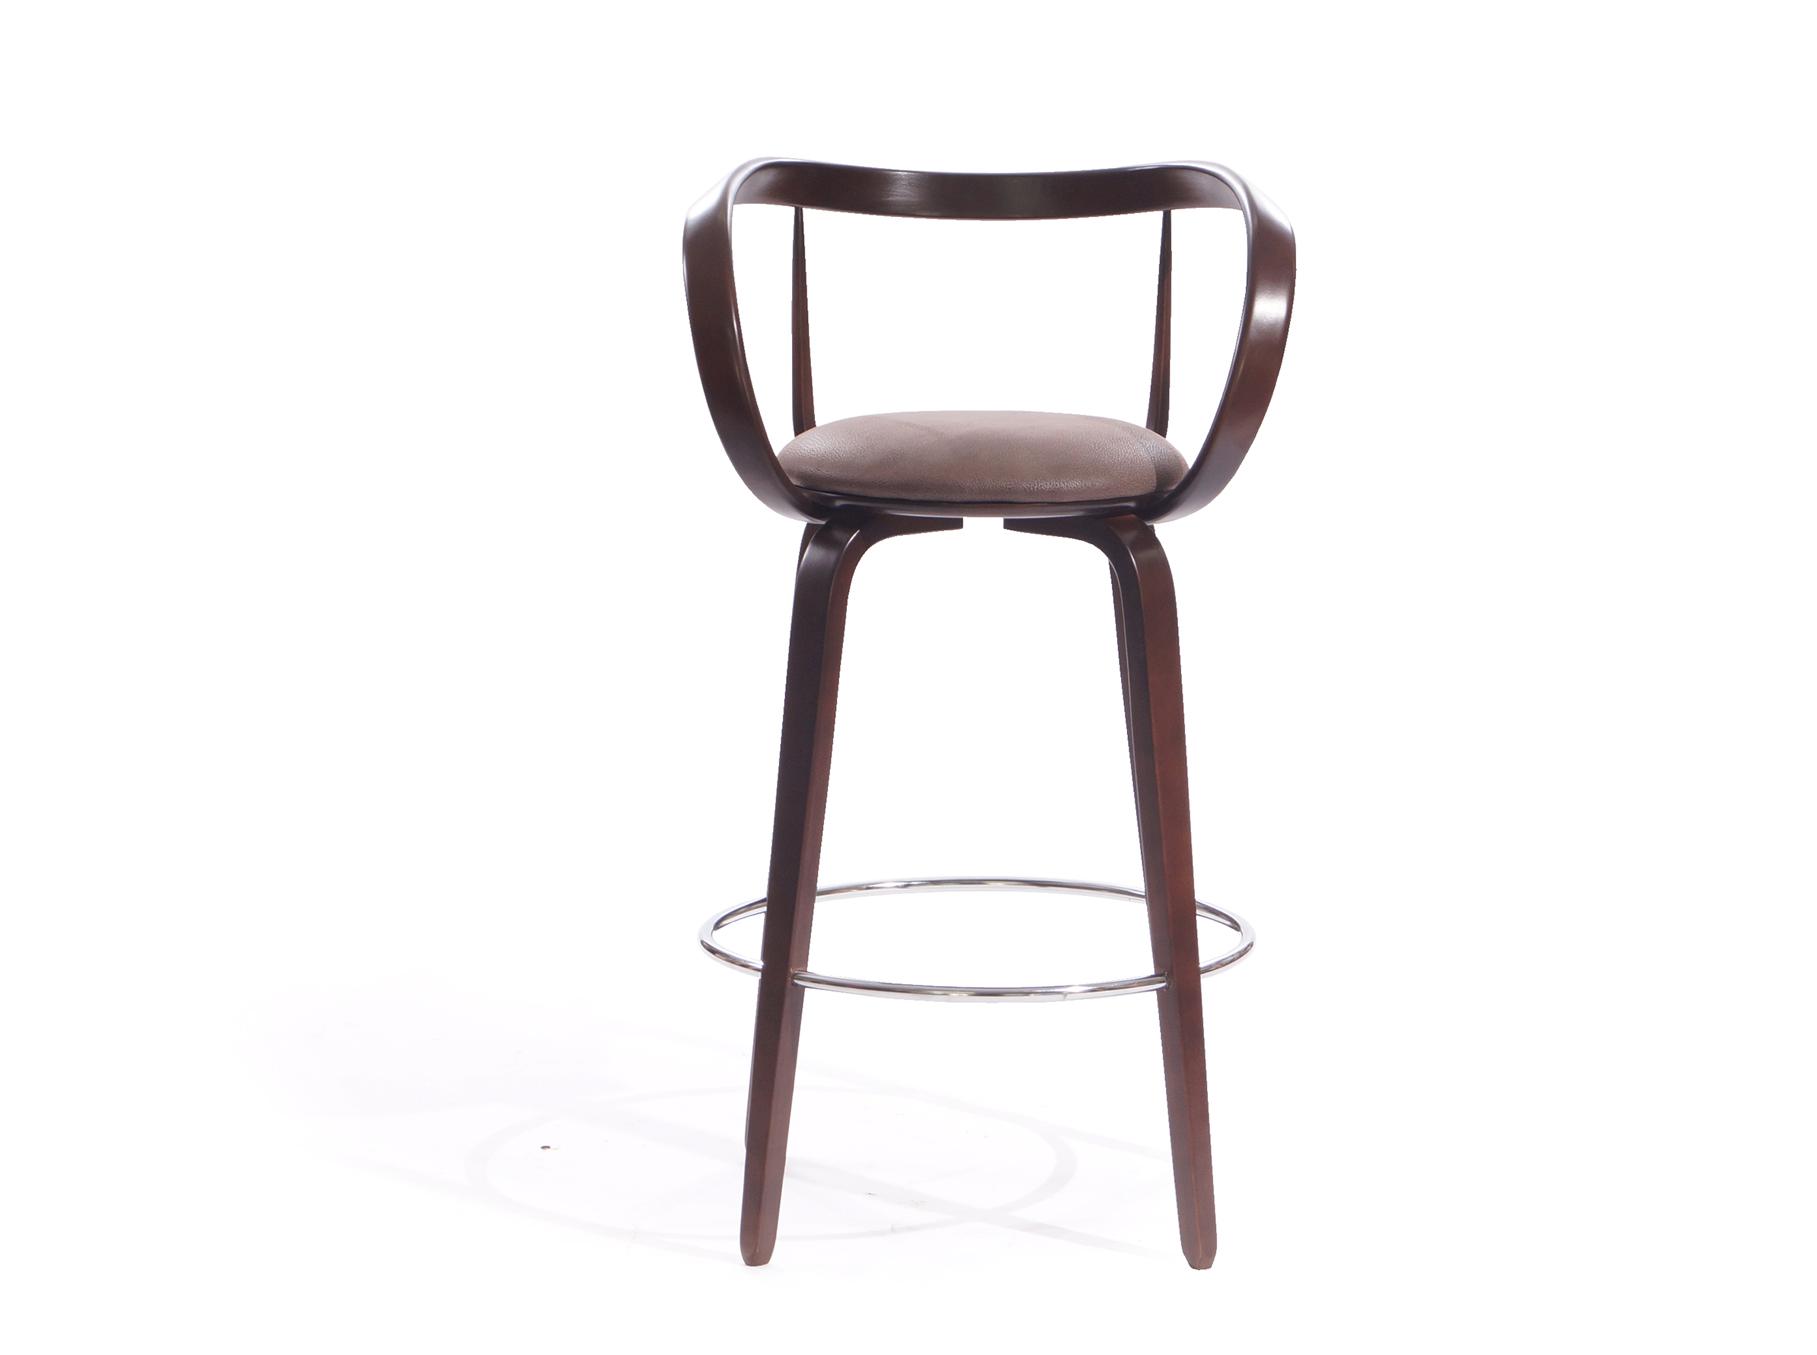 барный стул из массива дерева